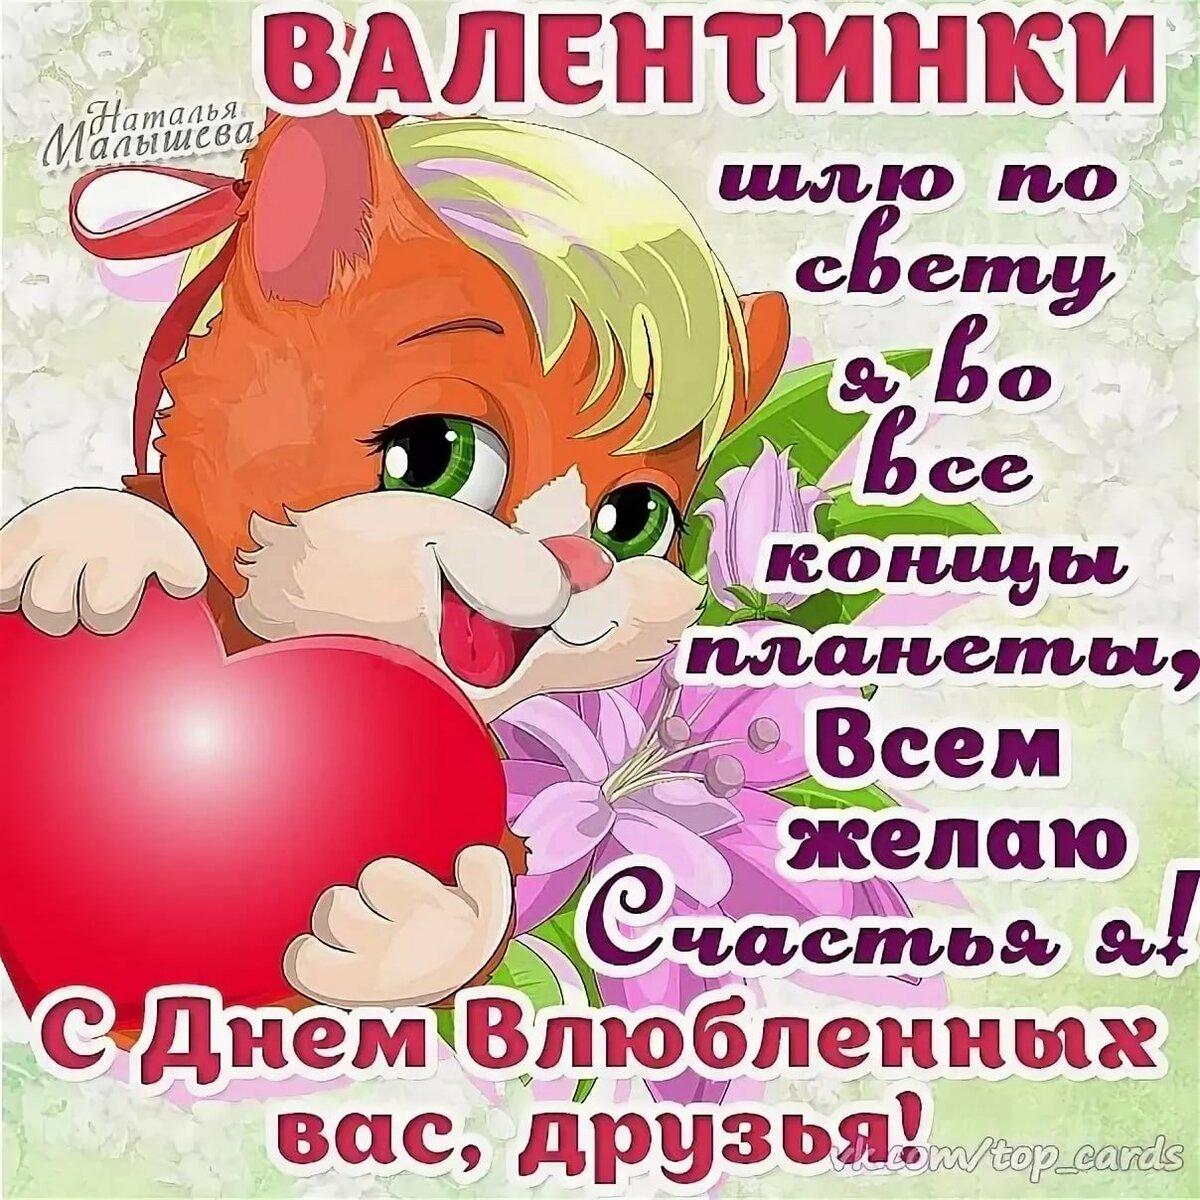 Картинки поздравления, открытка валентинка другу